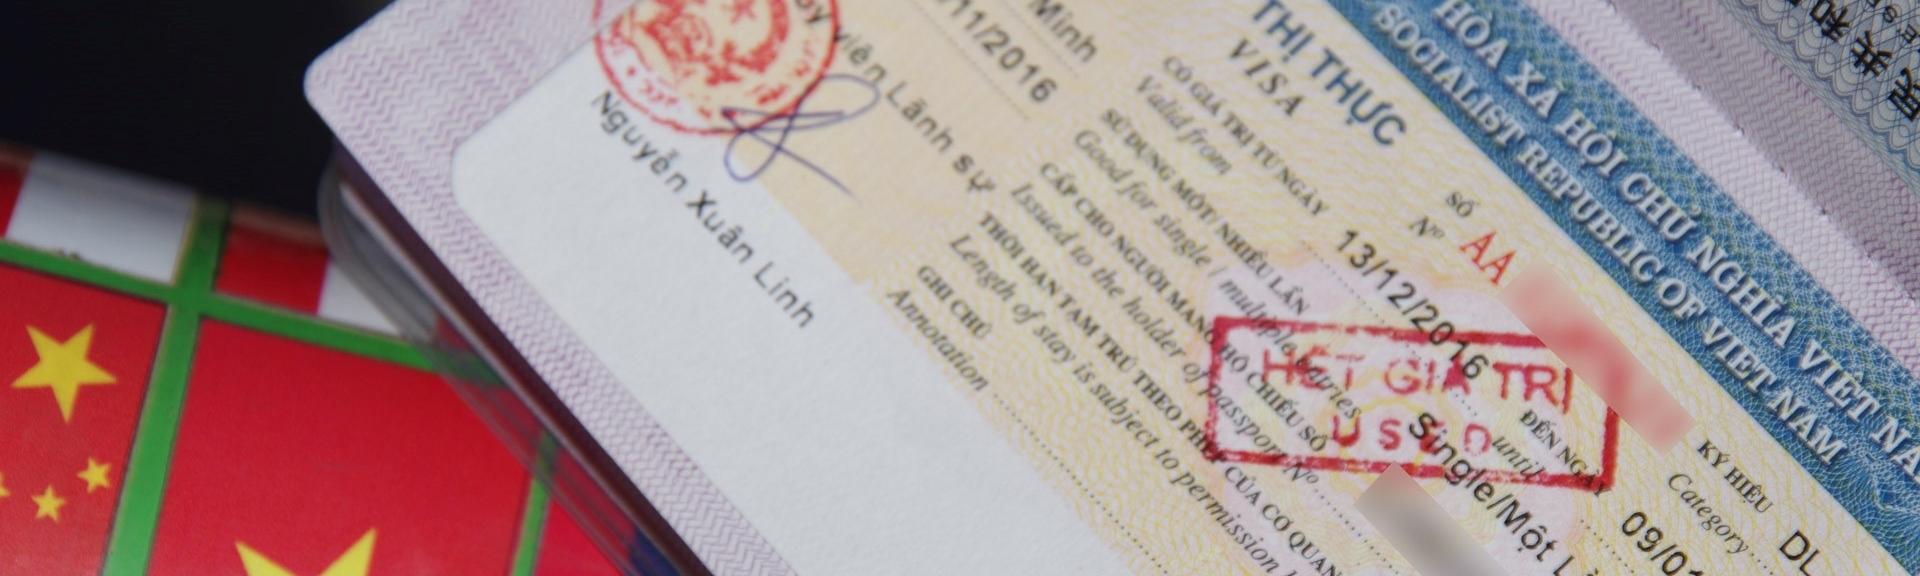 Yurtdışında iken Vietnam vizesi nasıl alınır?